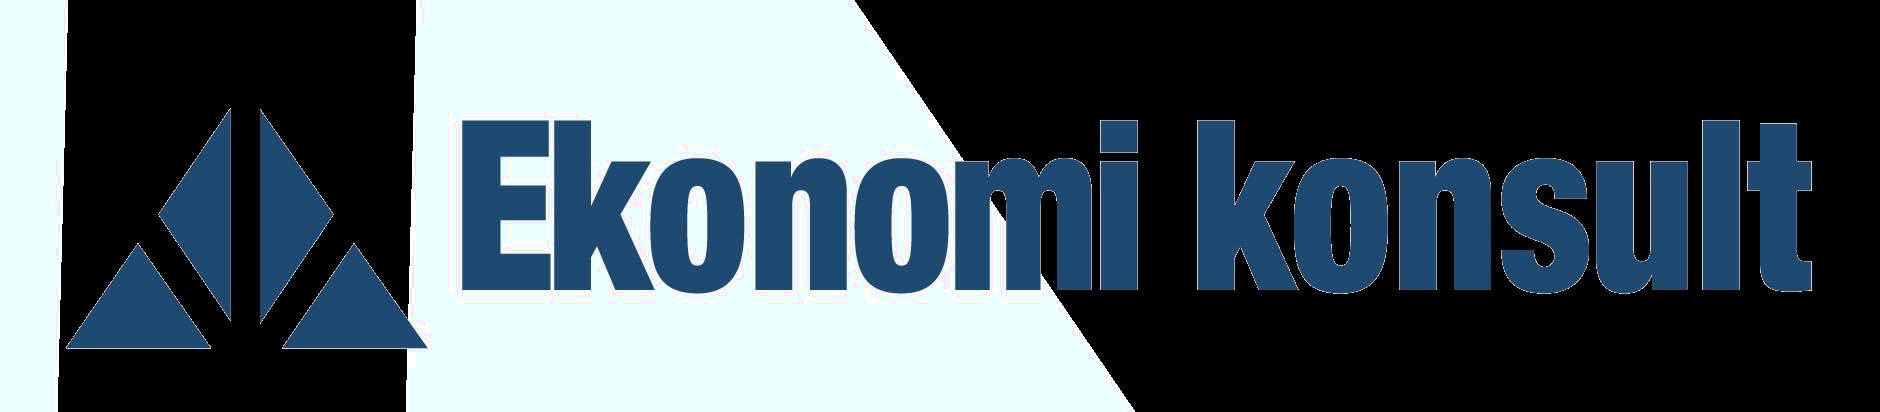 Ekonomikonsult AB